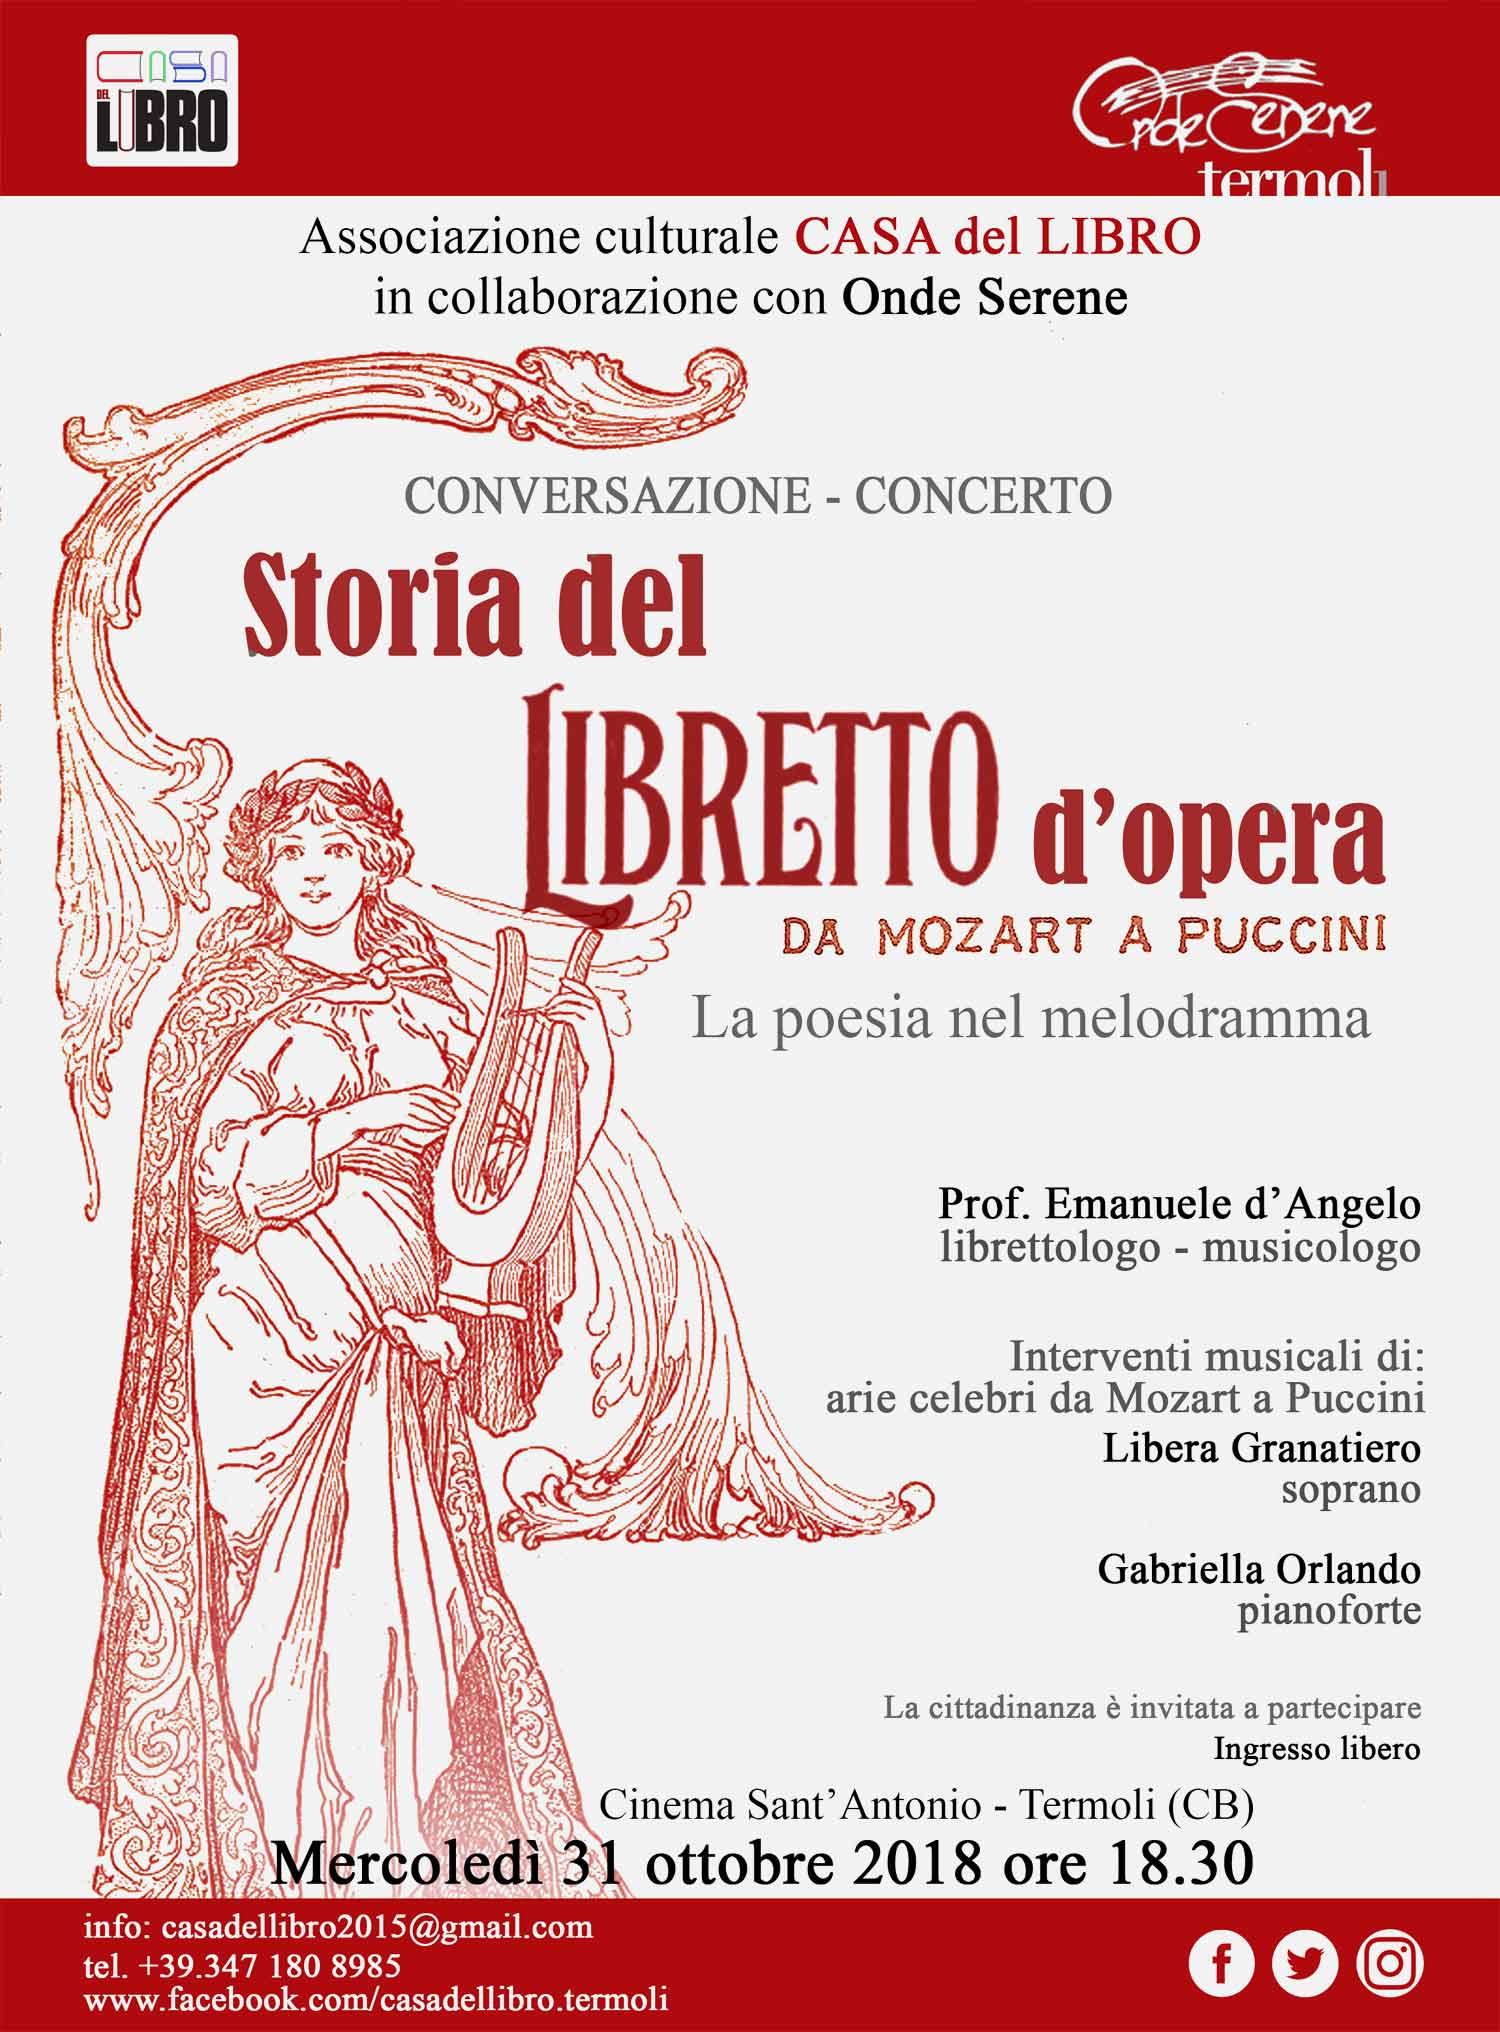 La storia del Libretto d'opera: la poesia nel melodramma